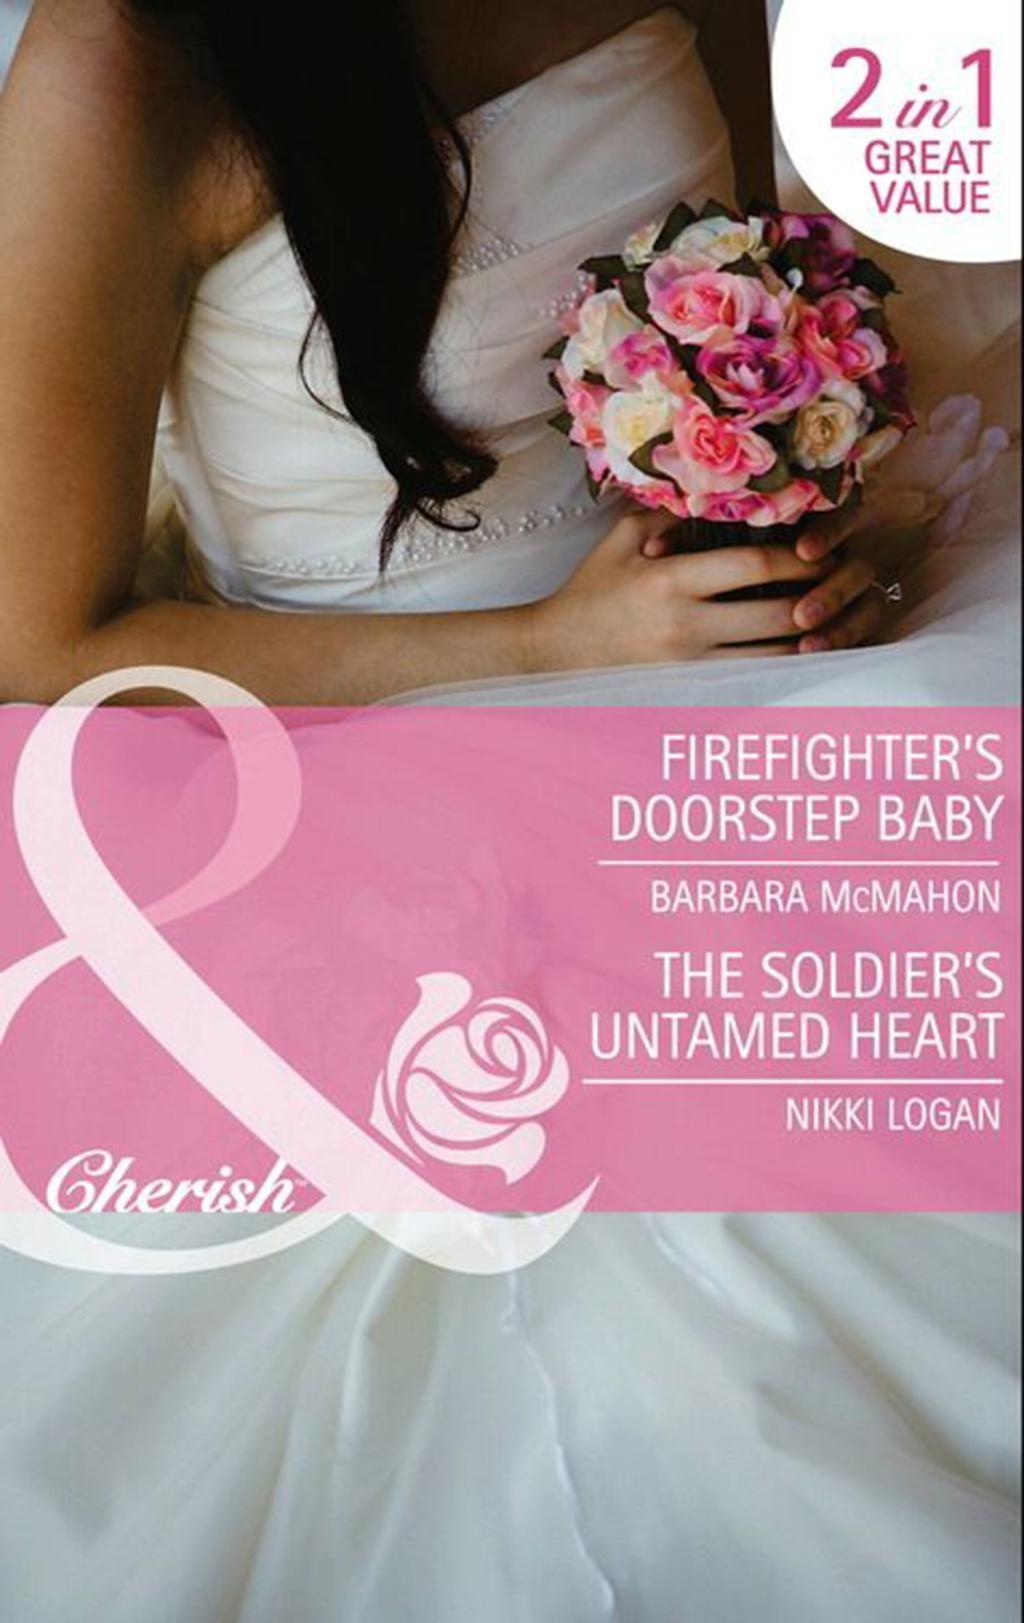 Firefighter's Doorstep Baby / The Soldier's Untamed Heart: Firefighter's Doorstep Baby / The Soldier's Untamed Heart (Mills & Boon Cherish)